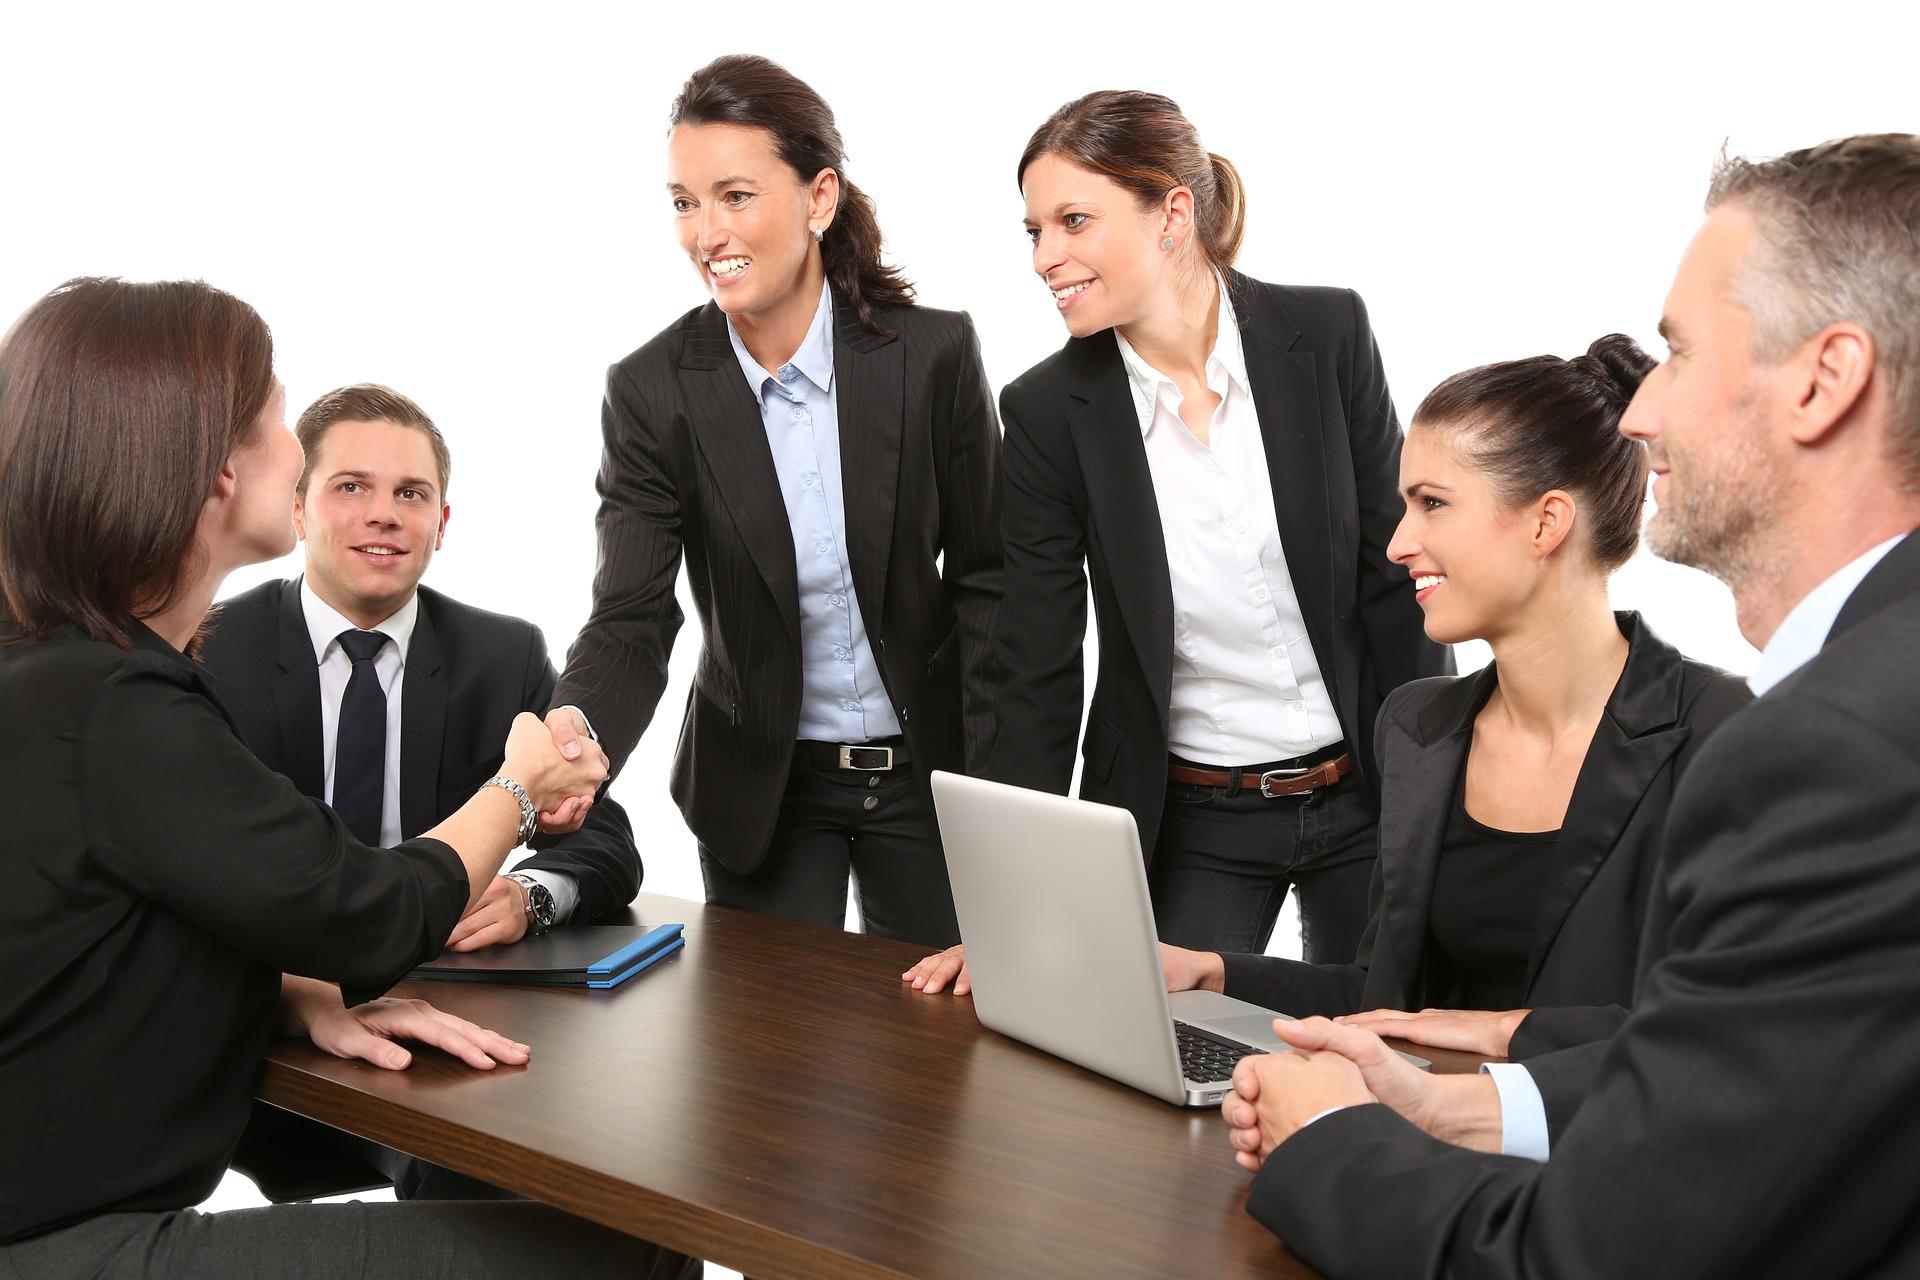 SAP-Experten sitzen am längeren Hebel: SAPPLIER gibt Einblicke in den etwas anderen Recruitingprozess